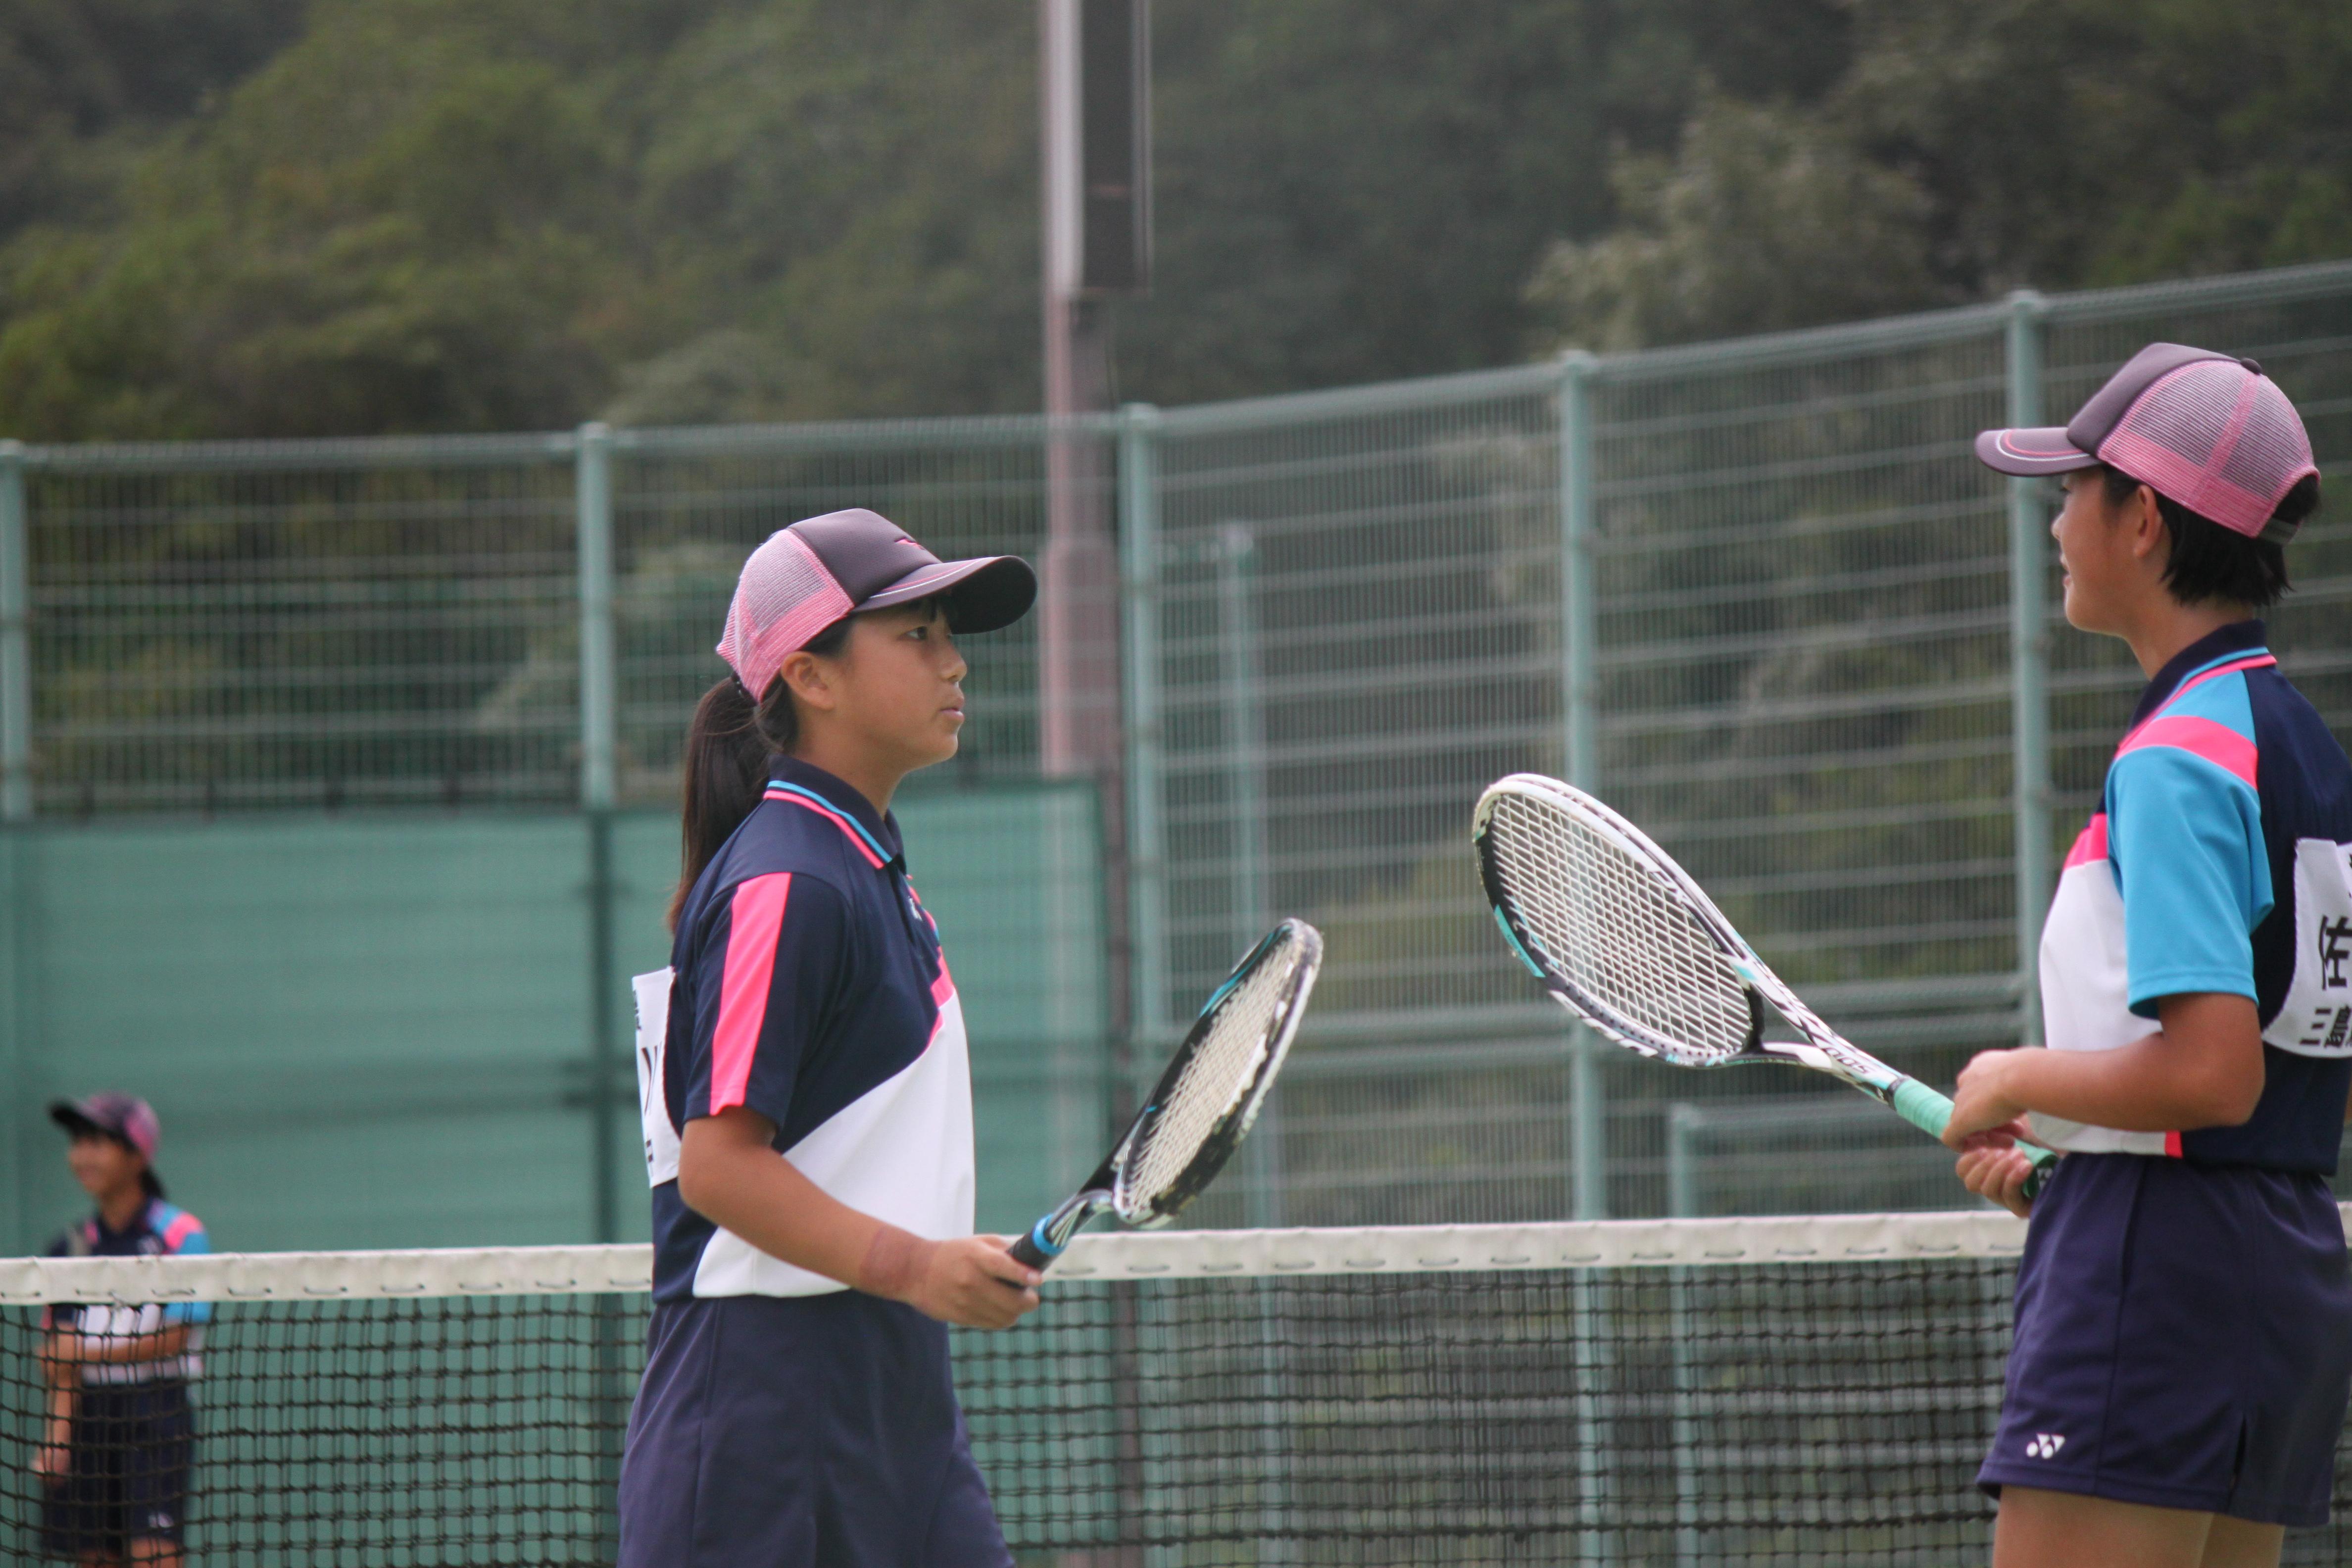 ソフトテニス (330)